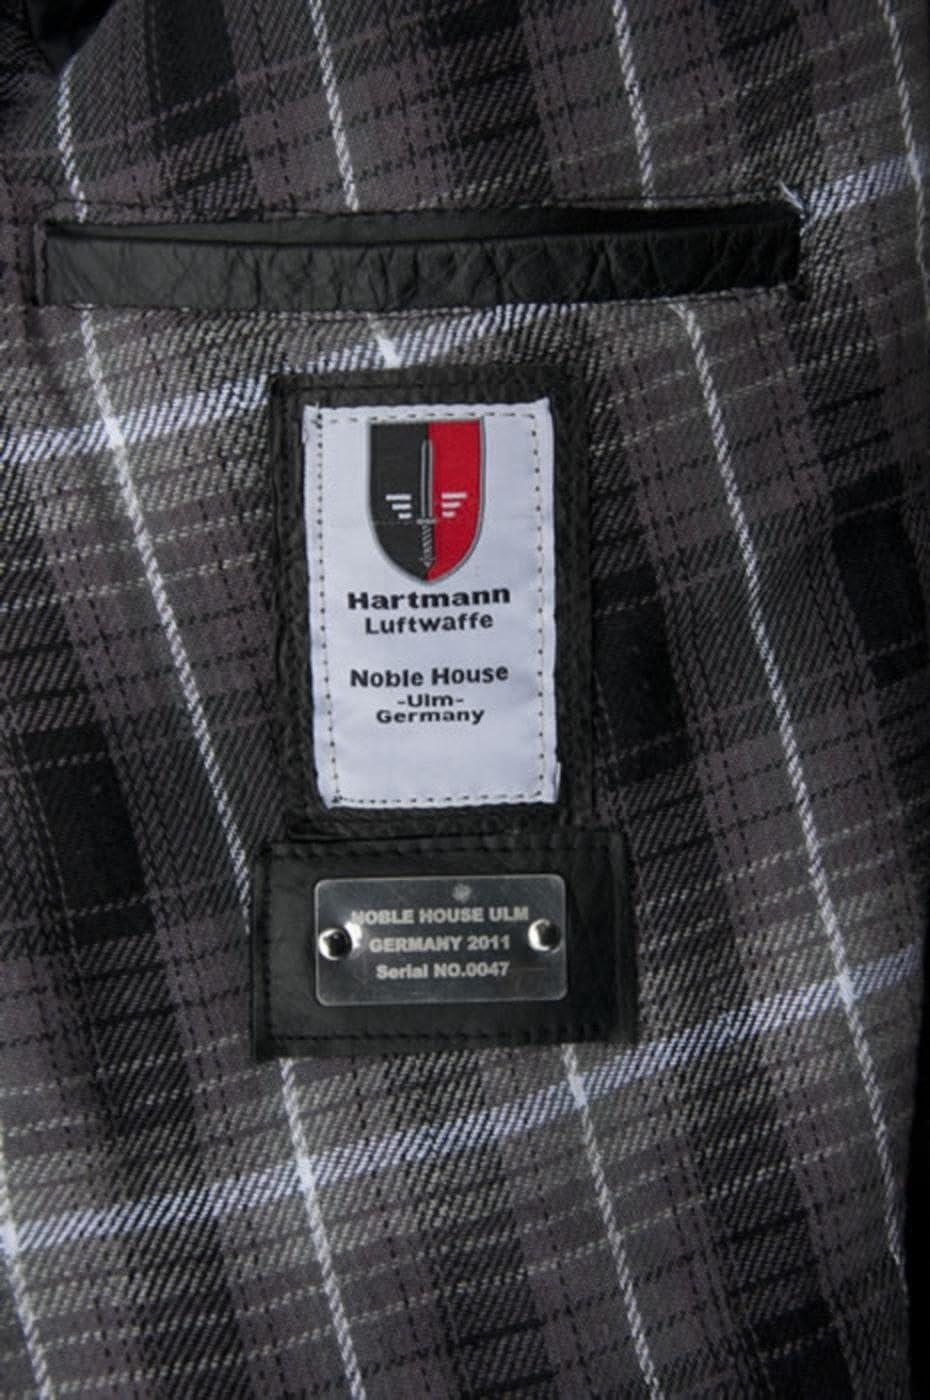 Fliegerjacke Herren Lederjacke Hartmann Pferdeleder Piloten Jacke schwarz Neu